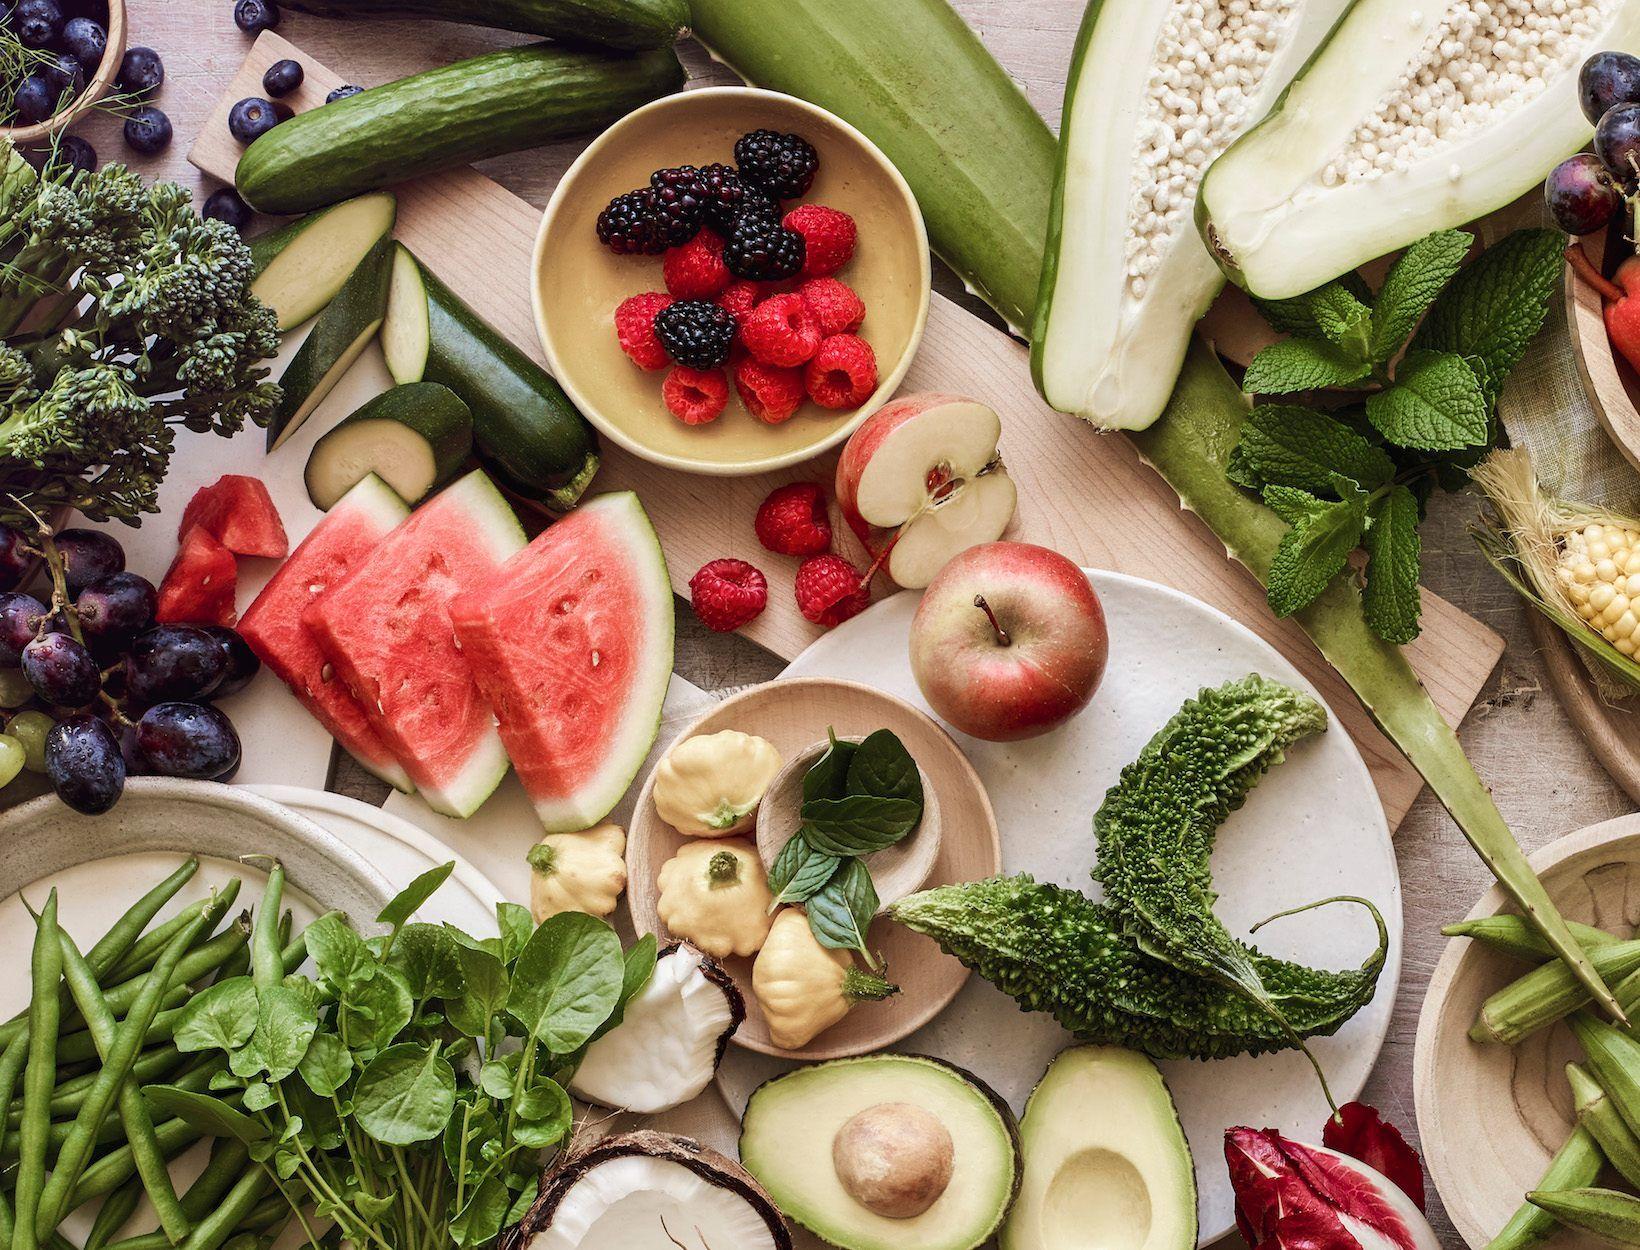 Рецепты Растительной Диеты. Цельная растительная диета – лучшая из вегетарианских, или еще одна модная концепция?